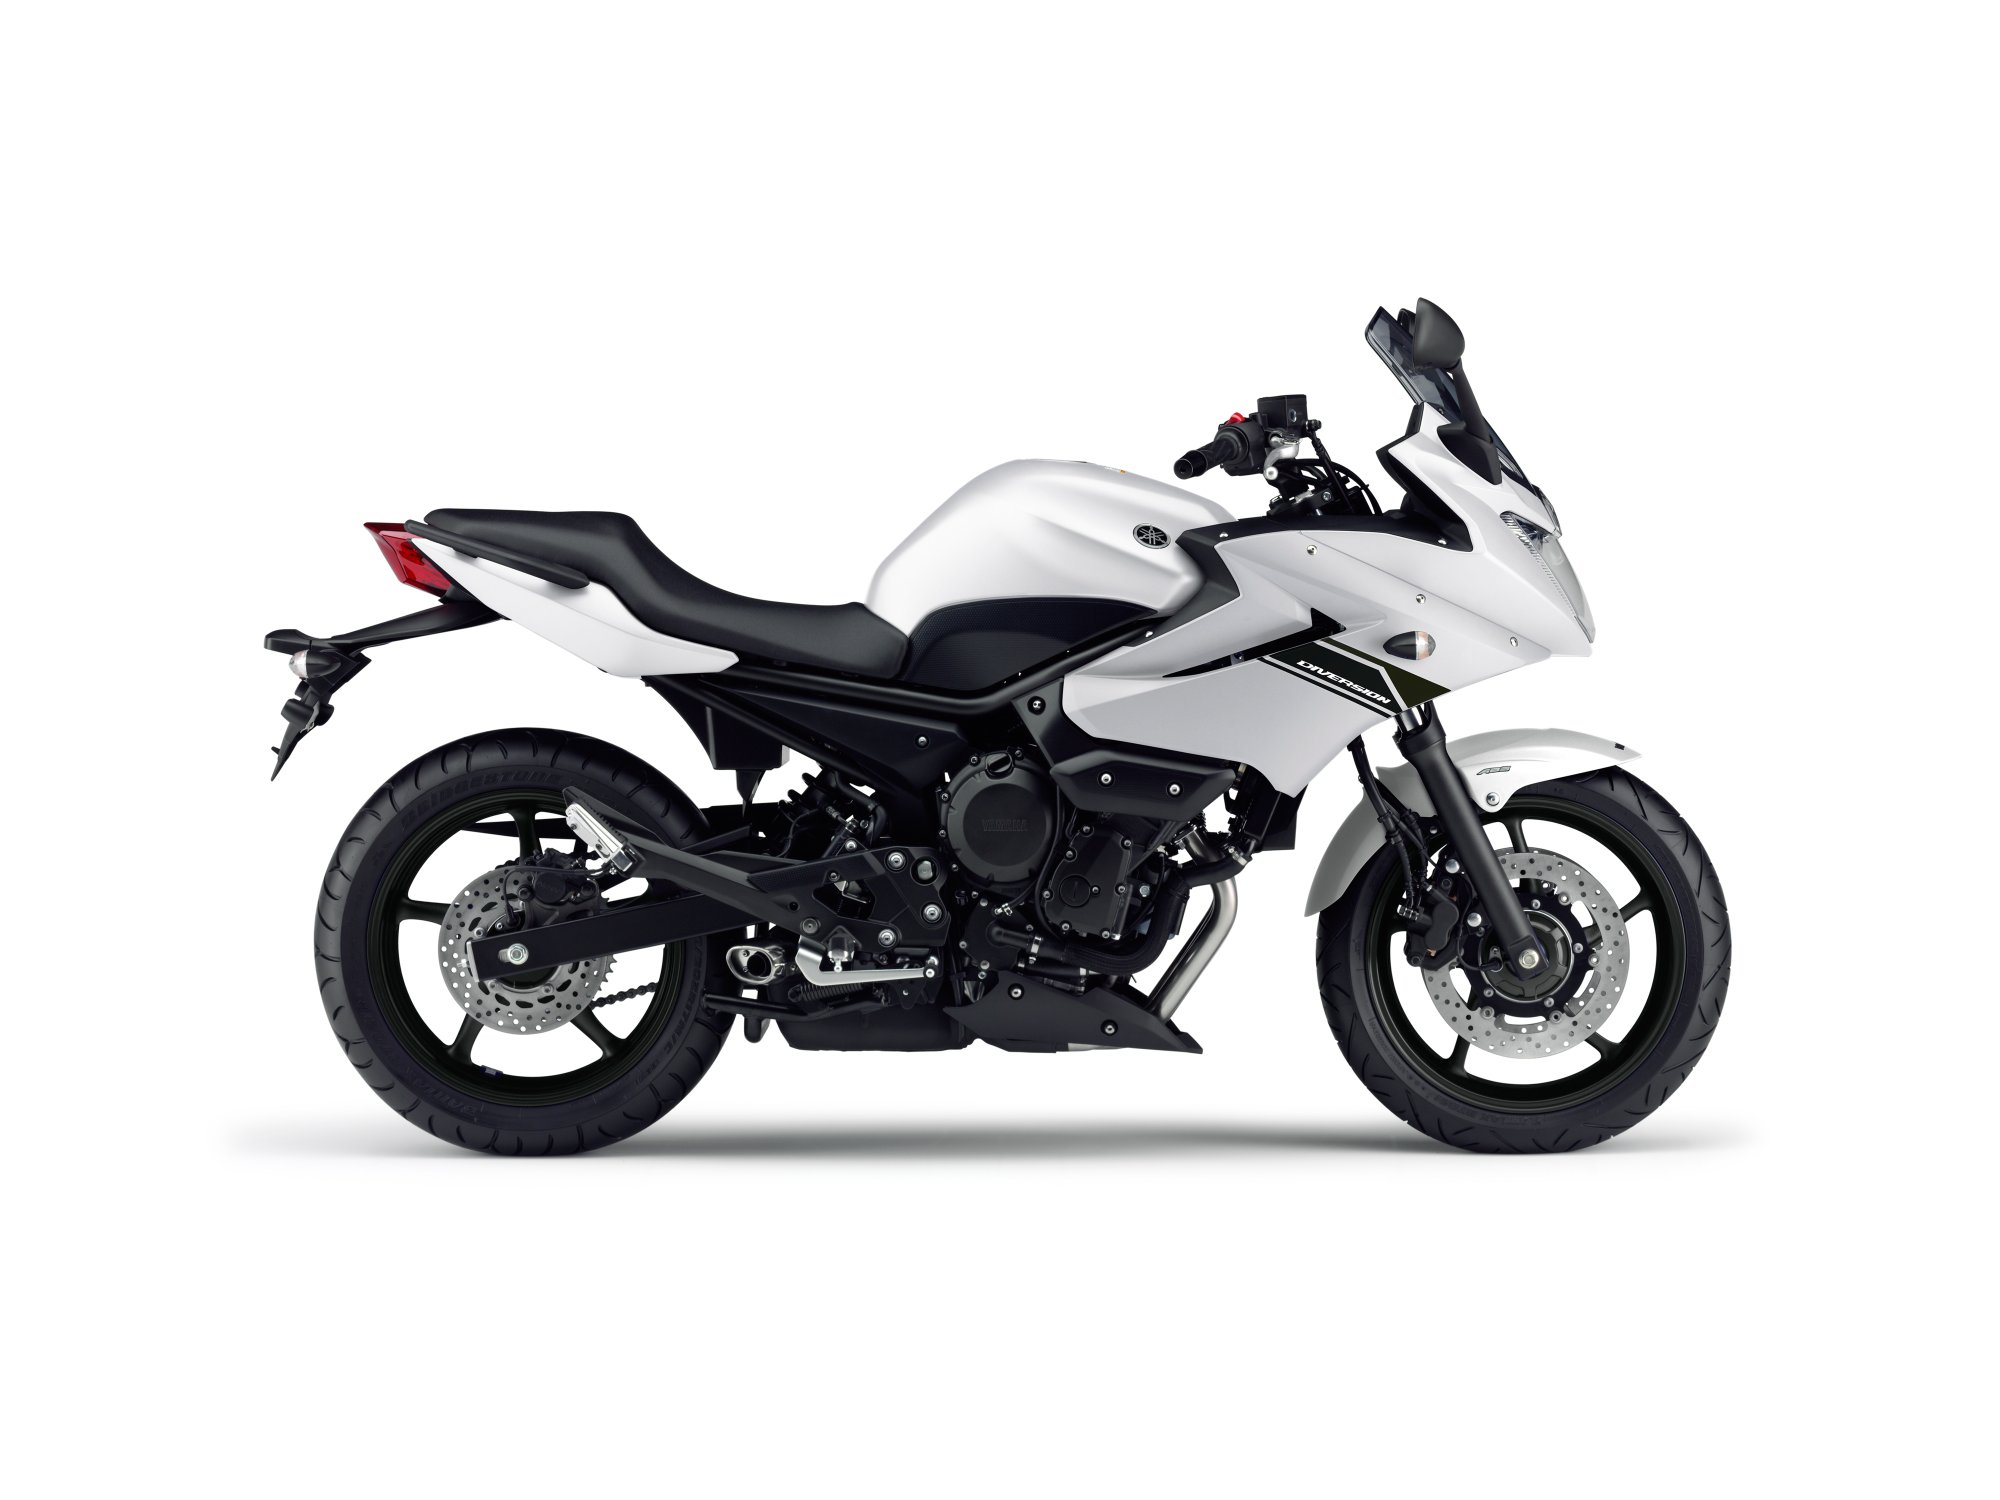 Yamaha XJ6 Diversion F ABS Baujahr 2013 Bilder und